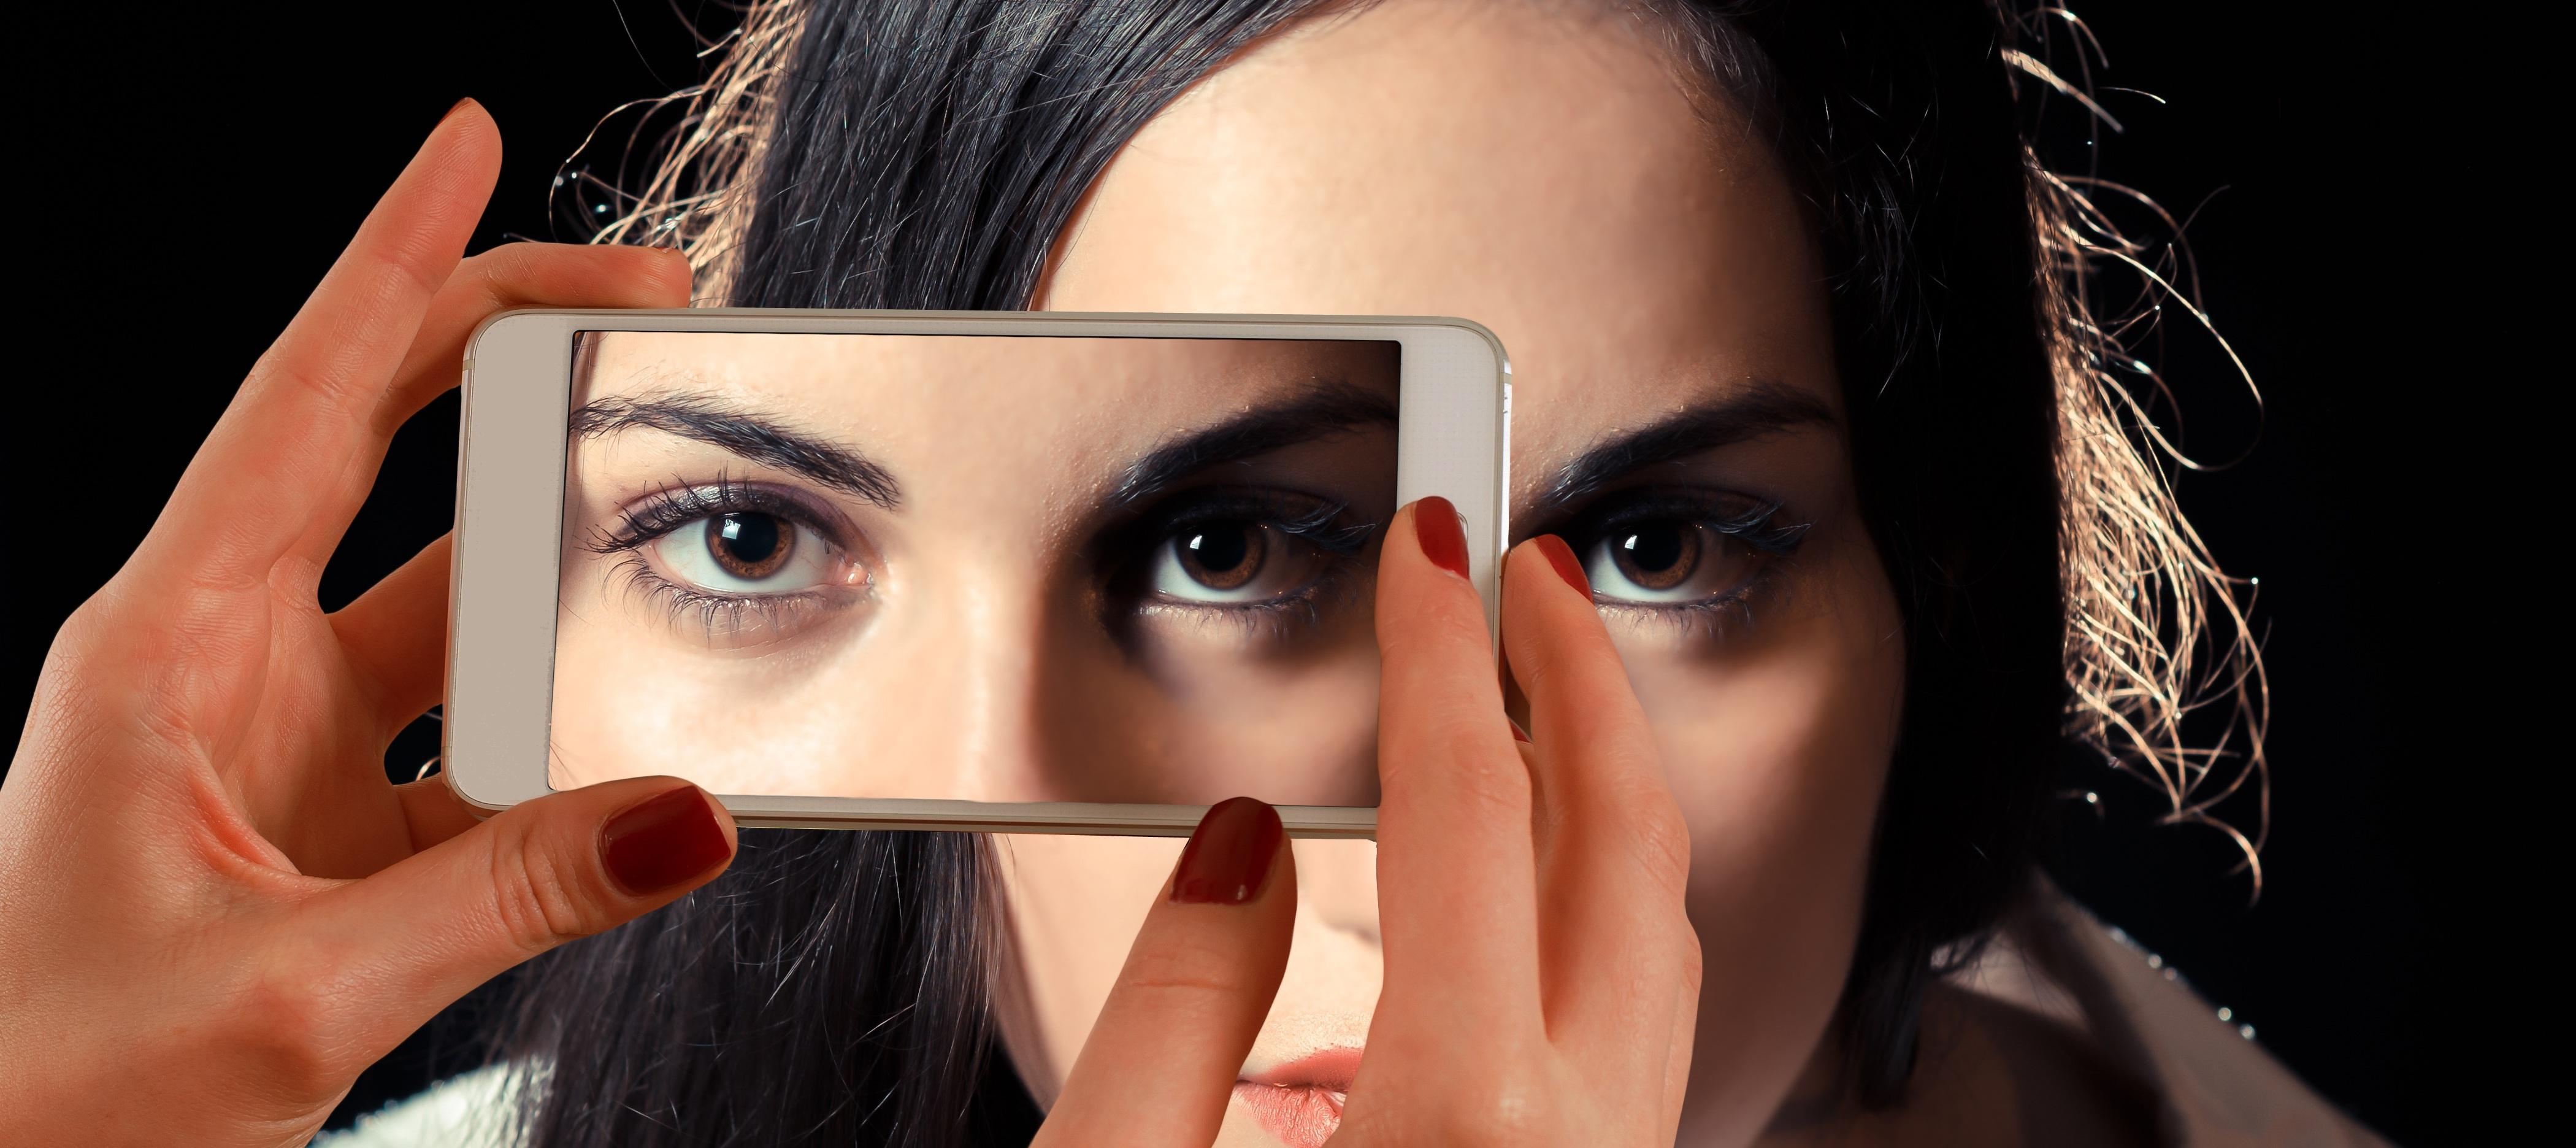 smartphone-1445448